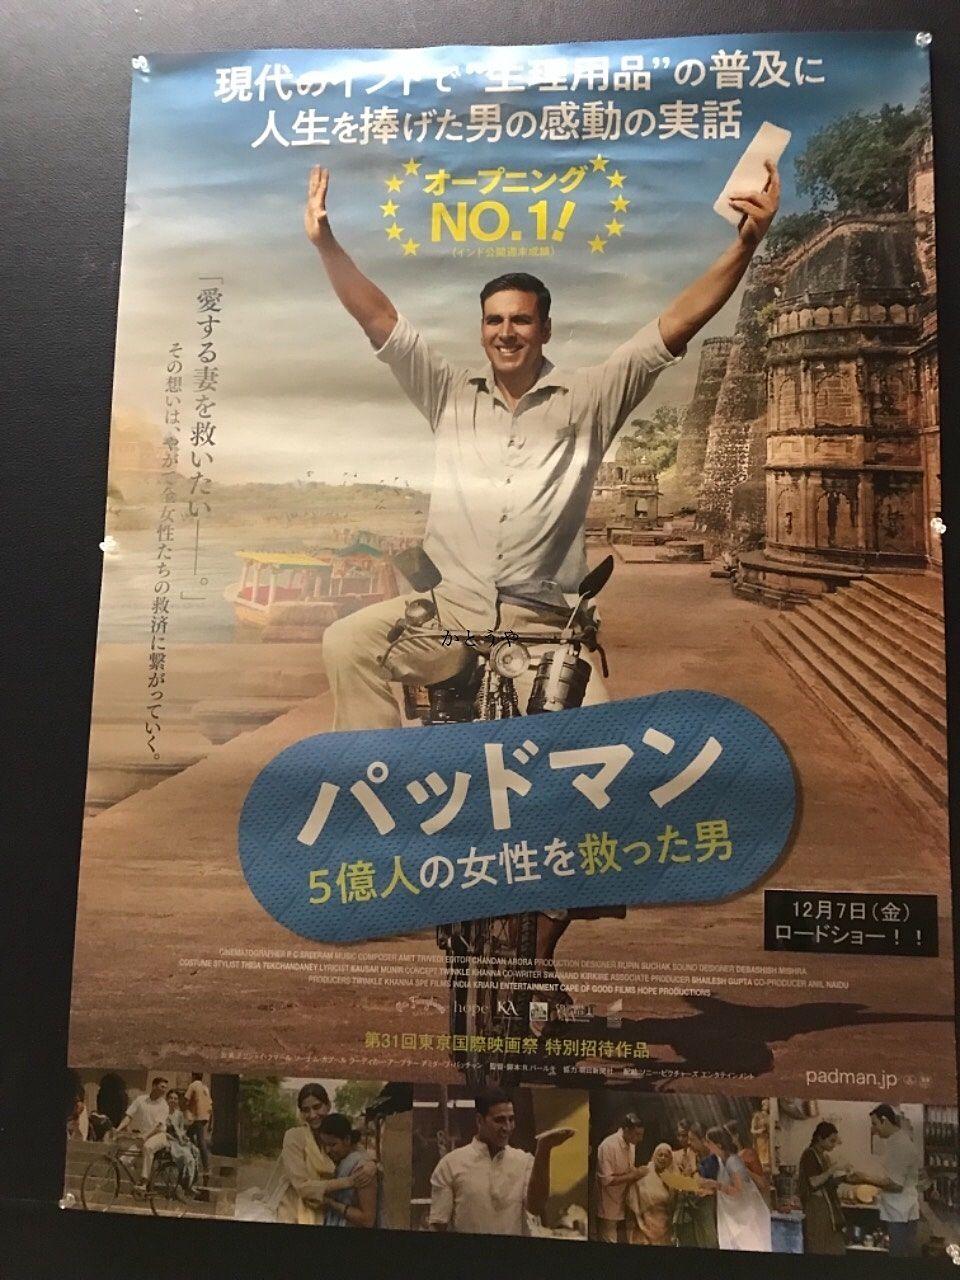 TOHOシネマズシャンテに貼られていたポスター。なぜかよれよれ。